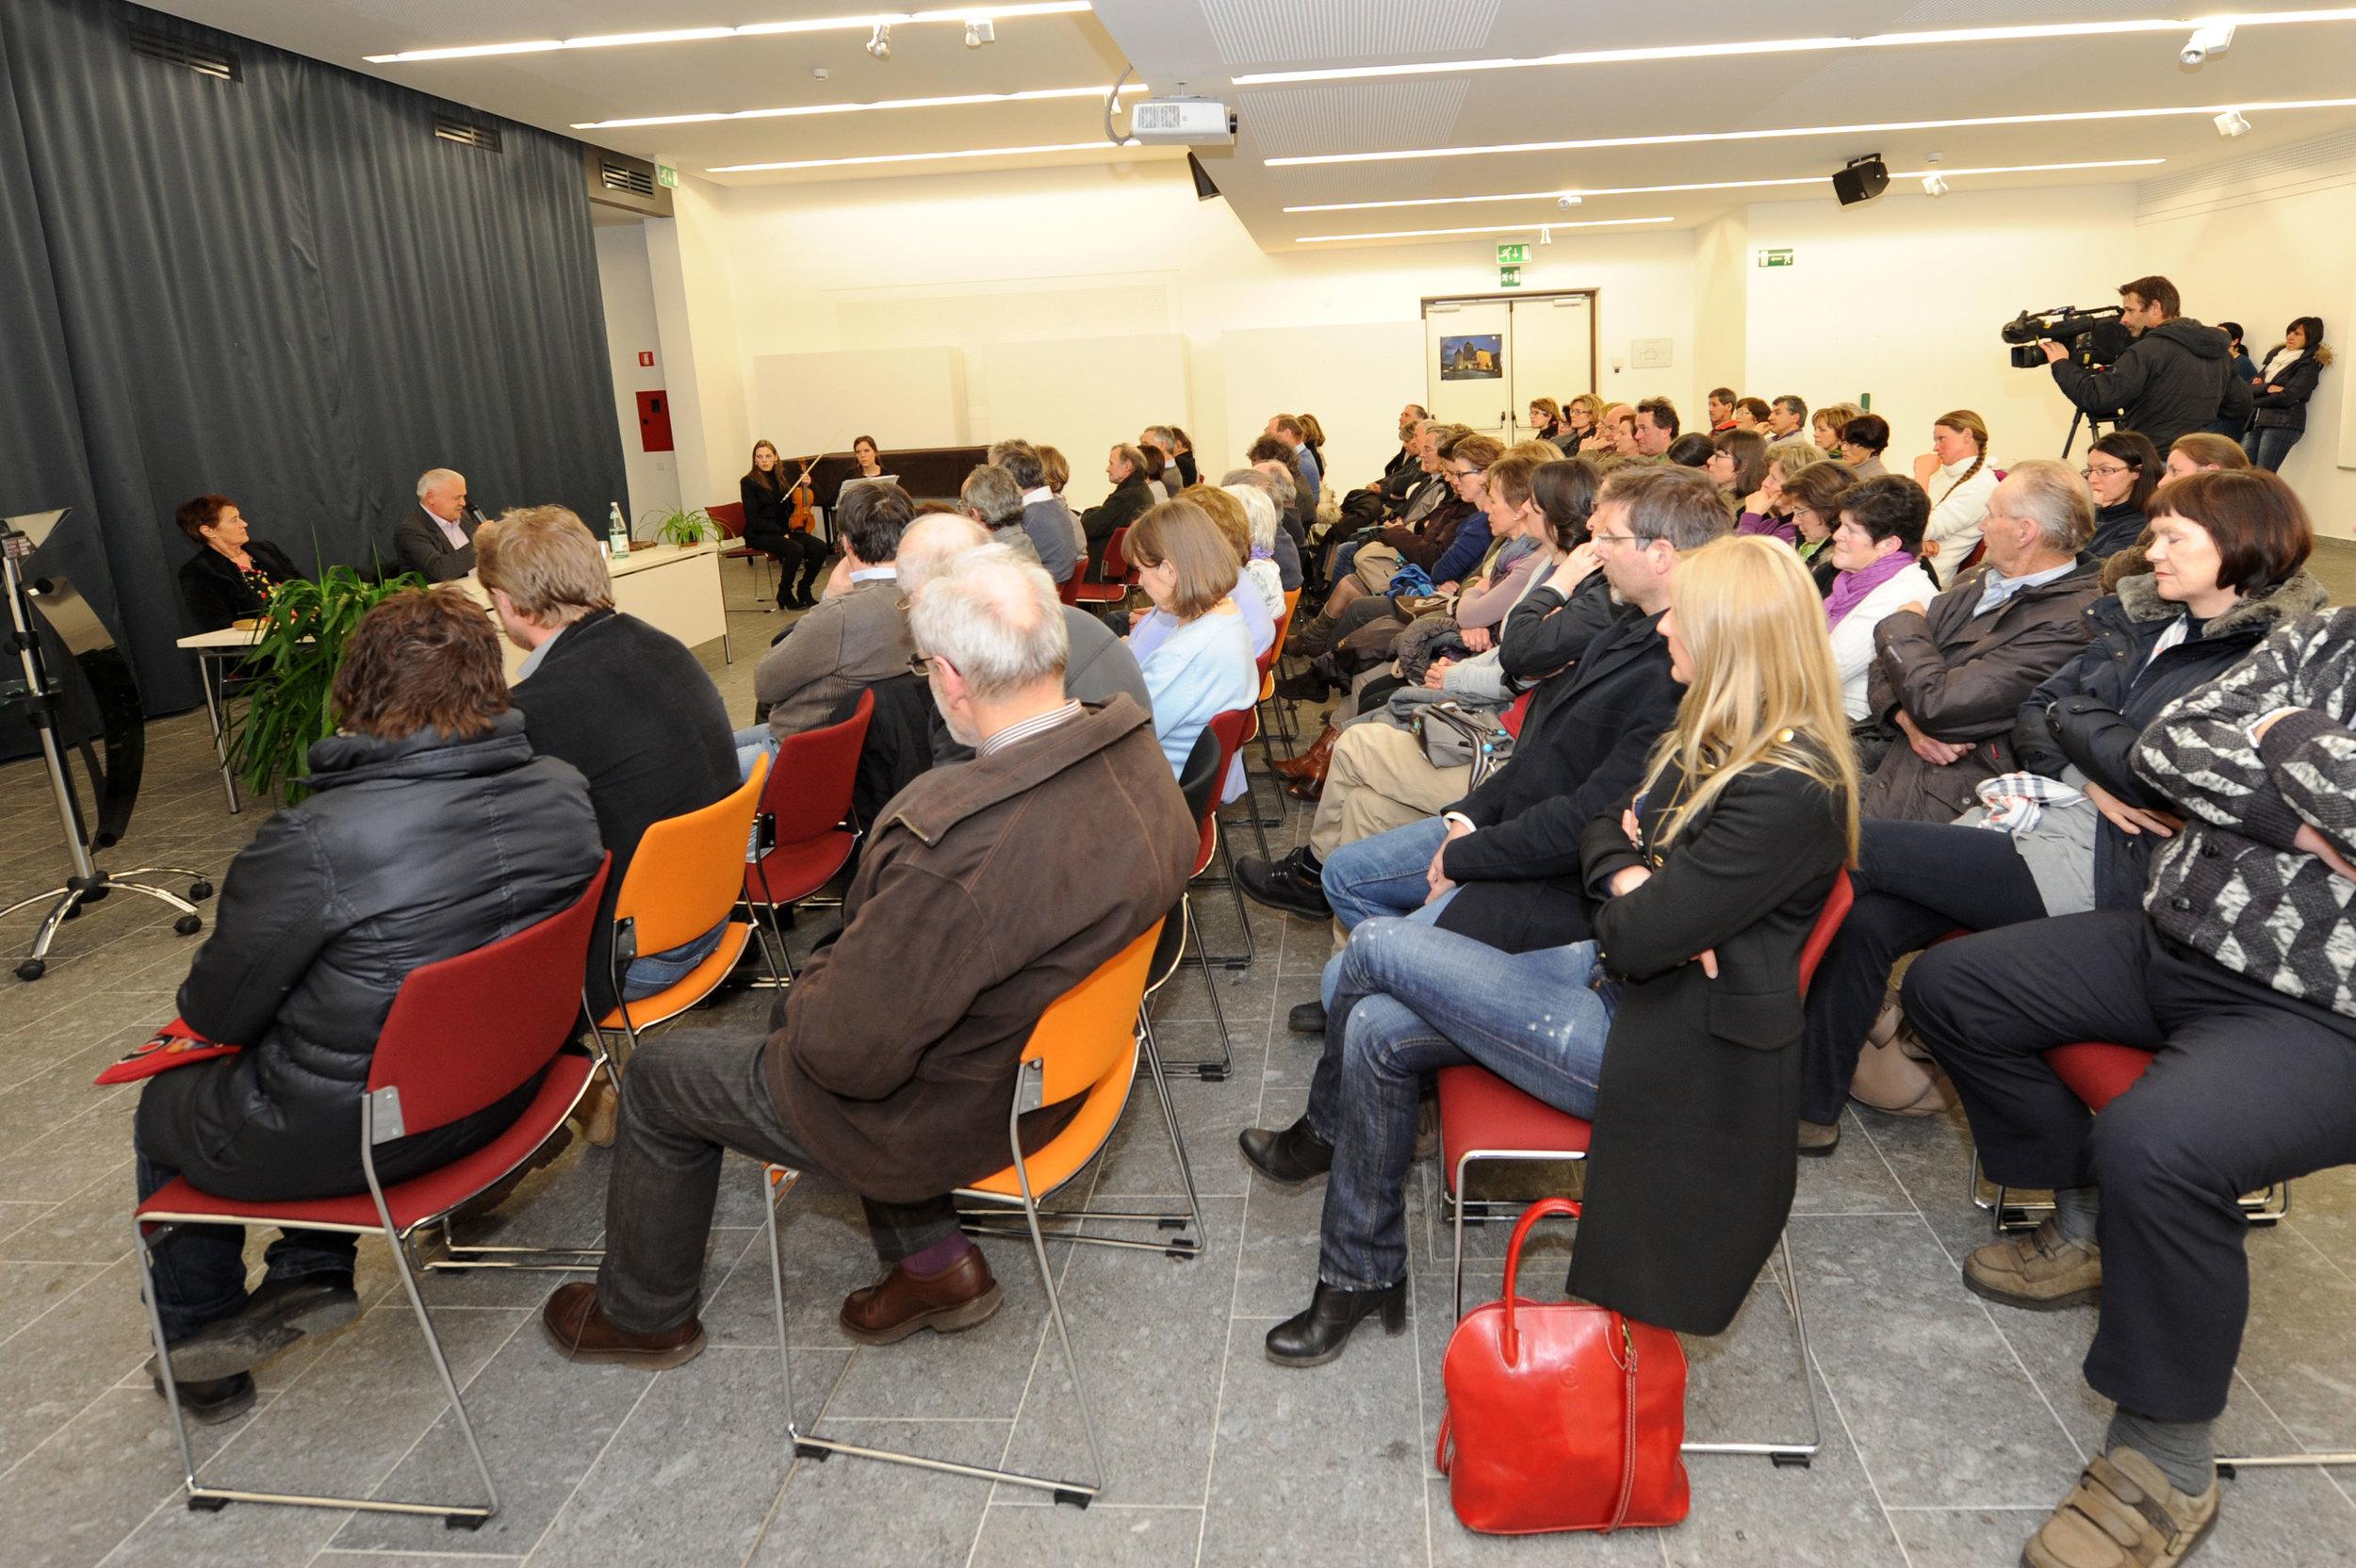 presentaziun_liber_teresa_4.jpg